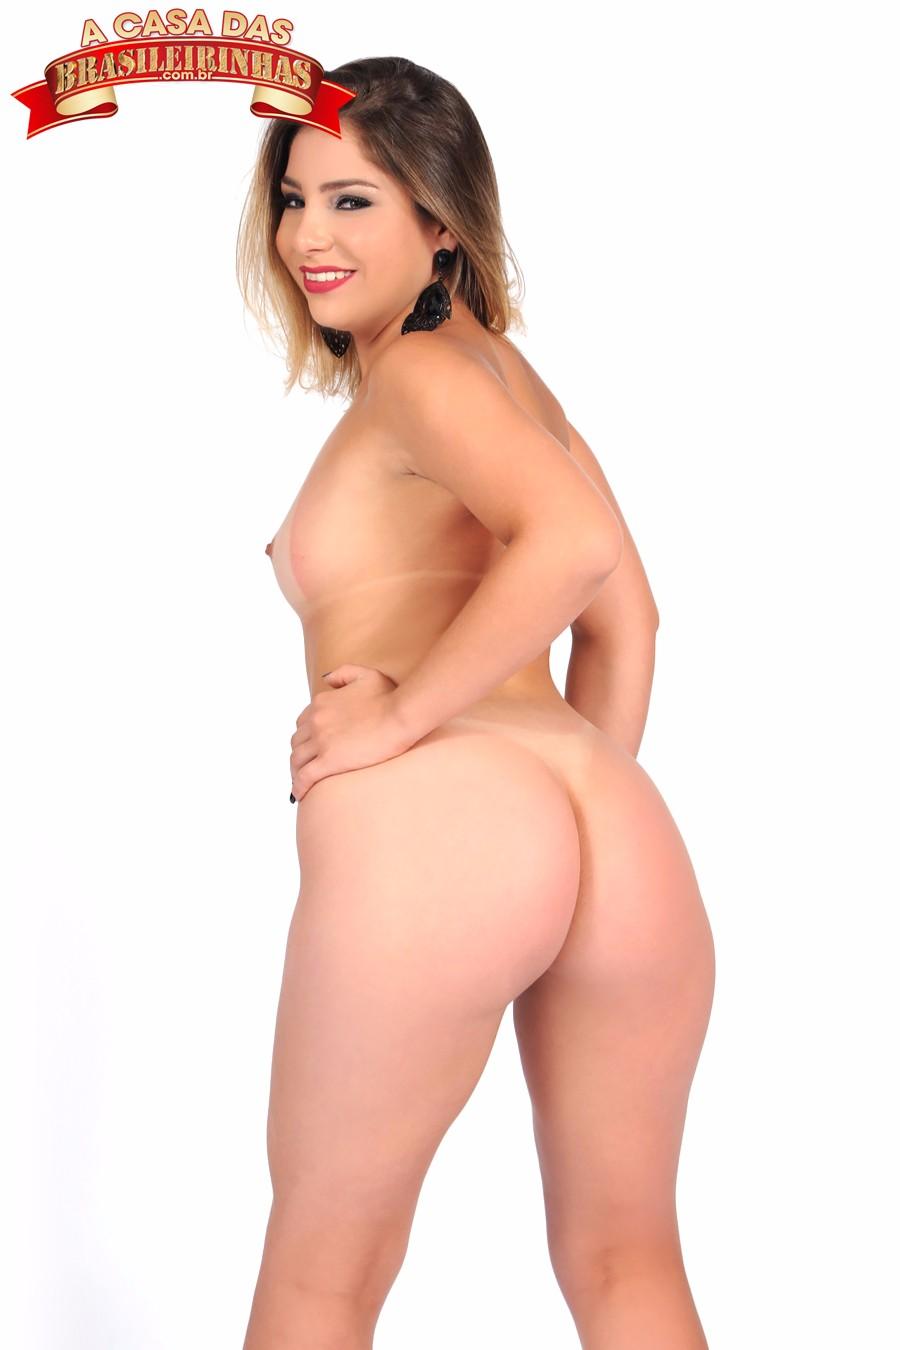 nina-lins-atriz-brasileirinhas-gostosa.jpg